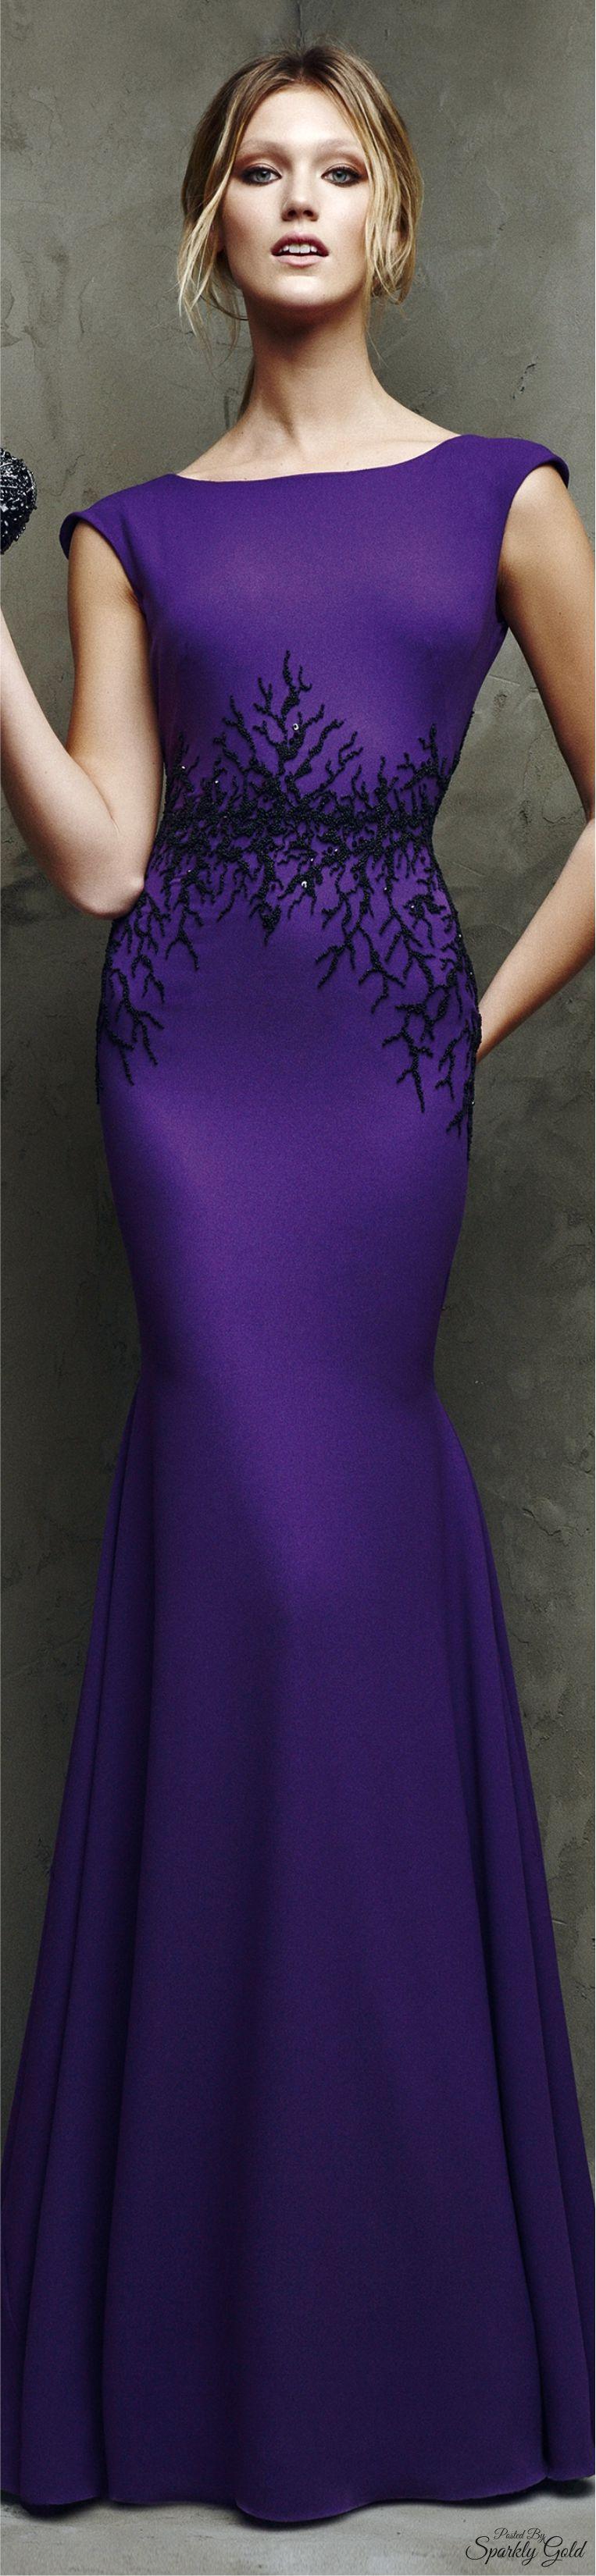 Pin de Uschi Ferguson en Purple | Pinterest | La novia, Suegra y ...